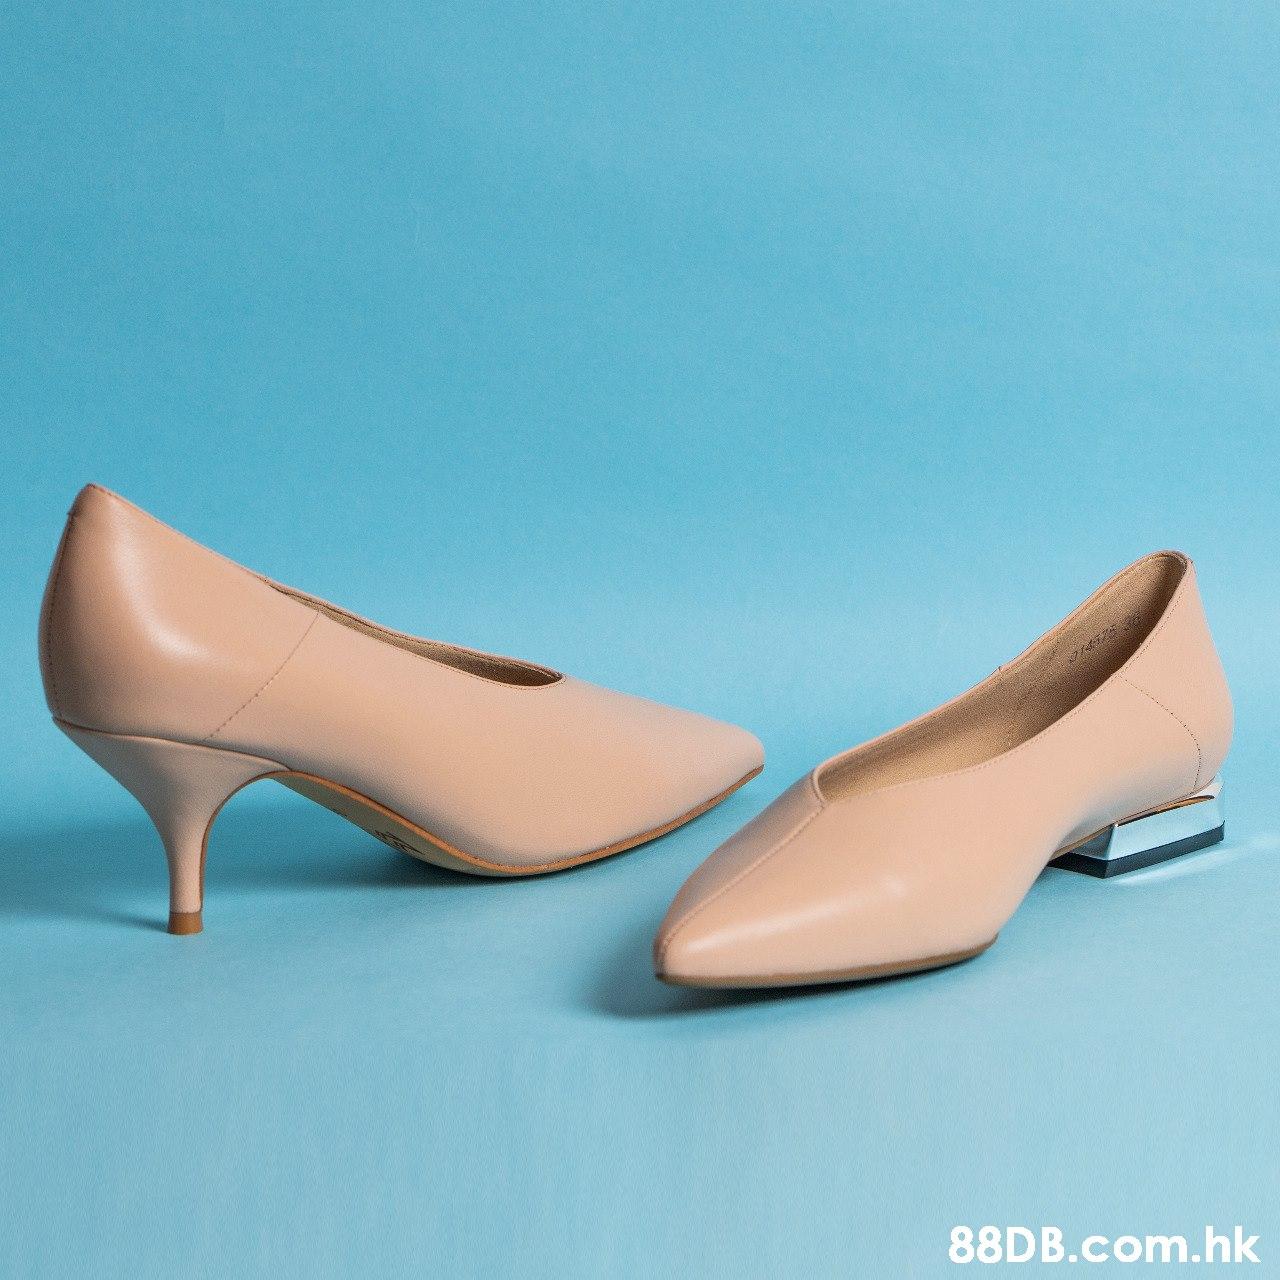 .hk  Footwear,High heels,Basic pump,Shoe,Pink